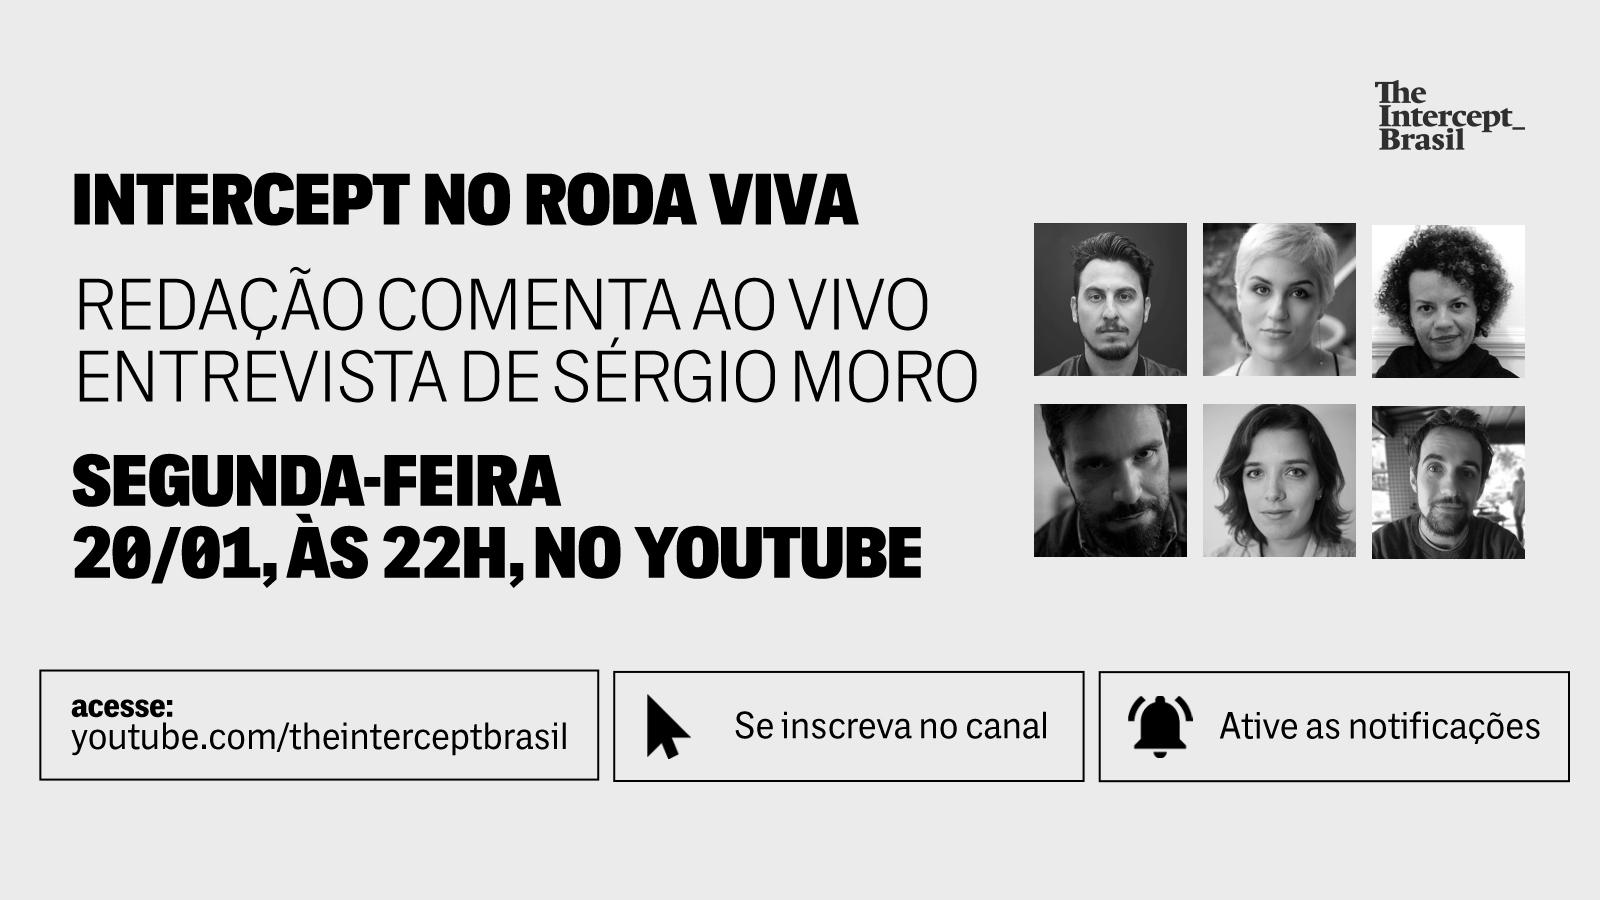 CHAMADA 2 LIVE TWITTER 1579537968 - The Intercept vai comentar, ao vivo, entrevista de Moro no Roda Viva - Por Leandro Demori